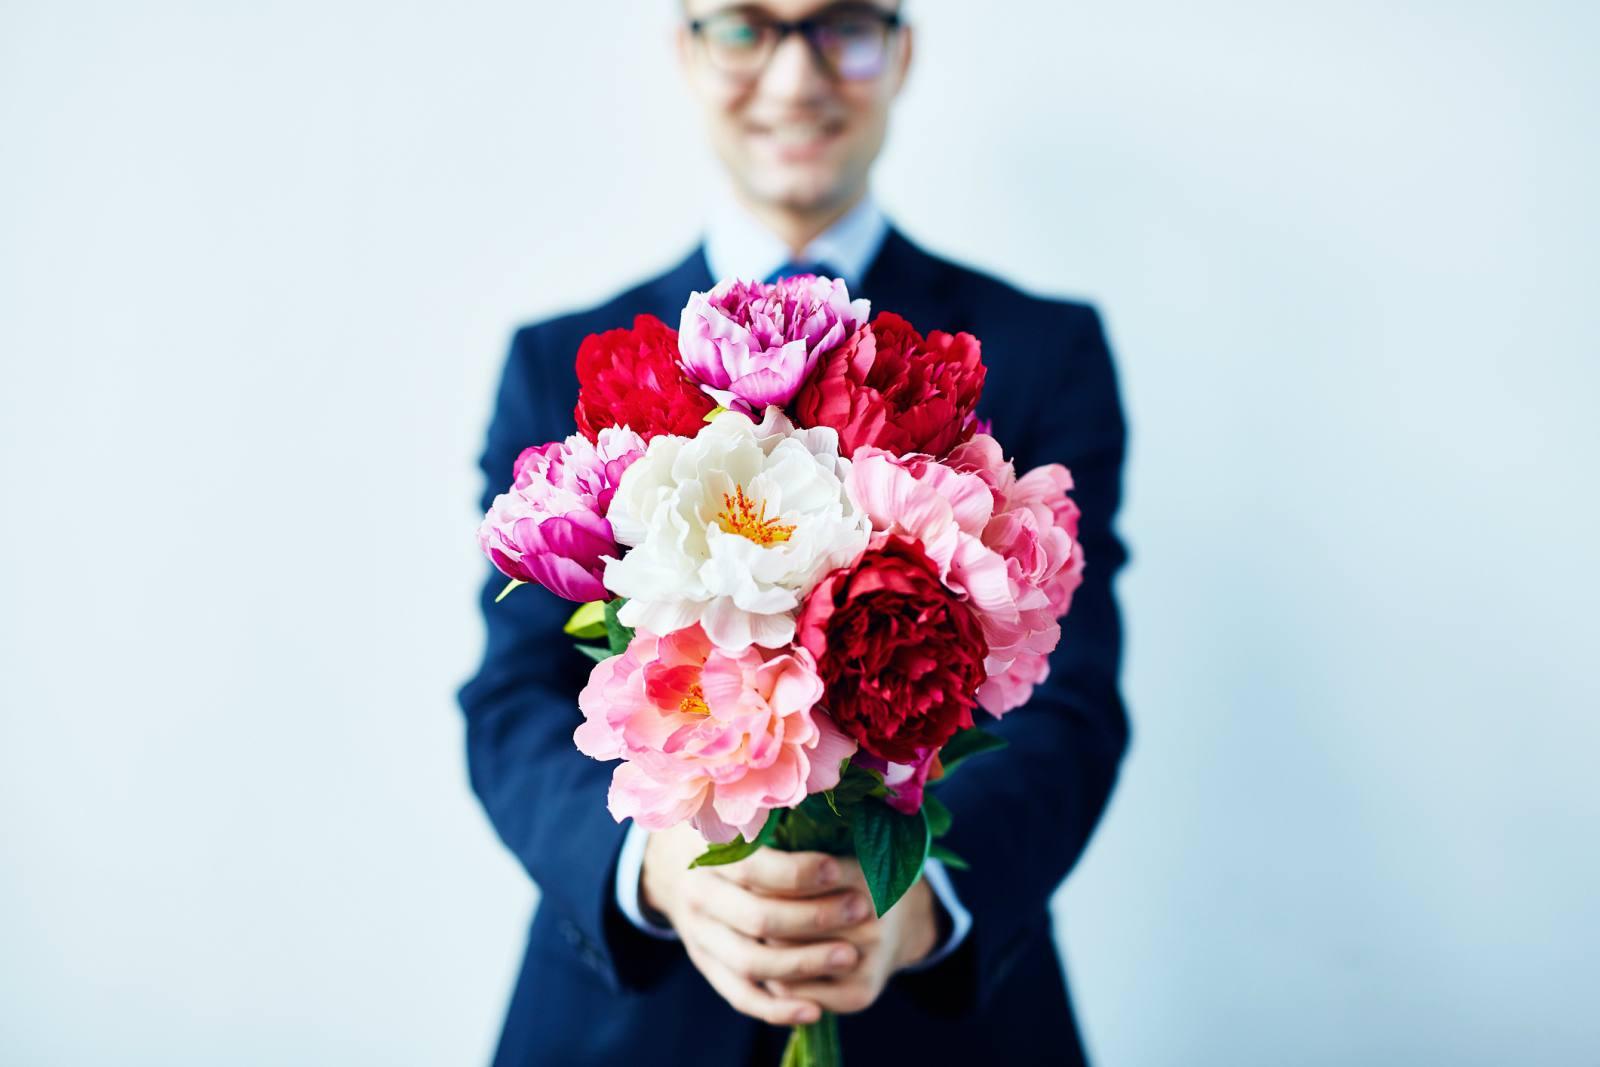 """La tendenza per San Valentino 2020: in flessione le prenotazioni di """"rose rosse"""" a favore di fiori stagionali."""